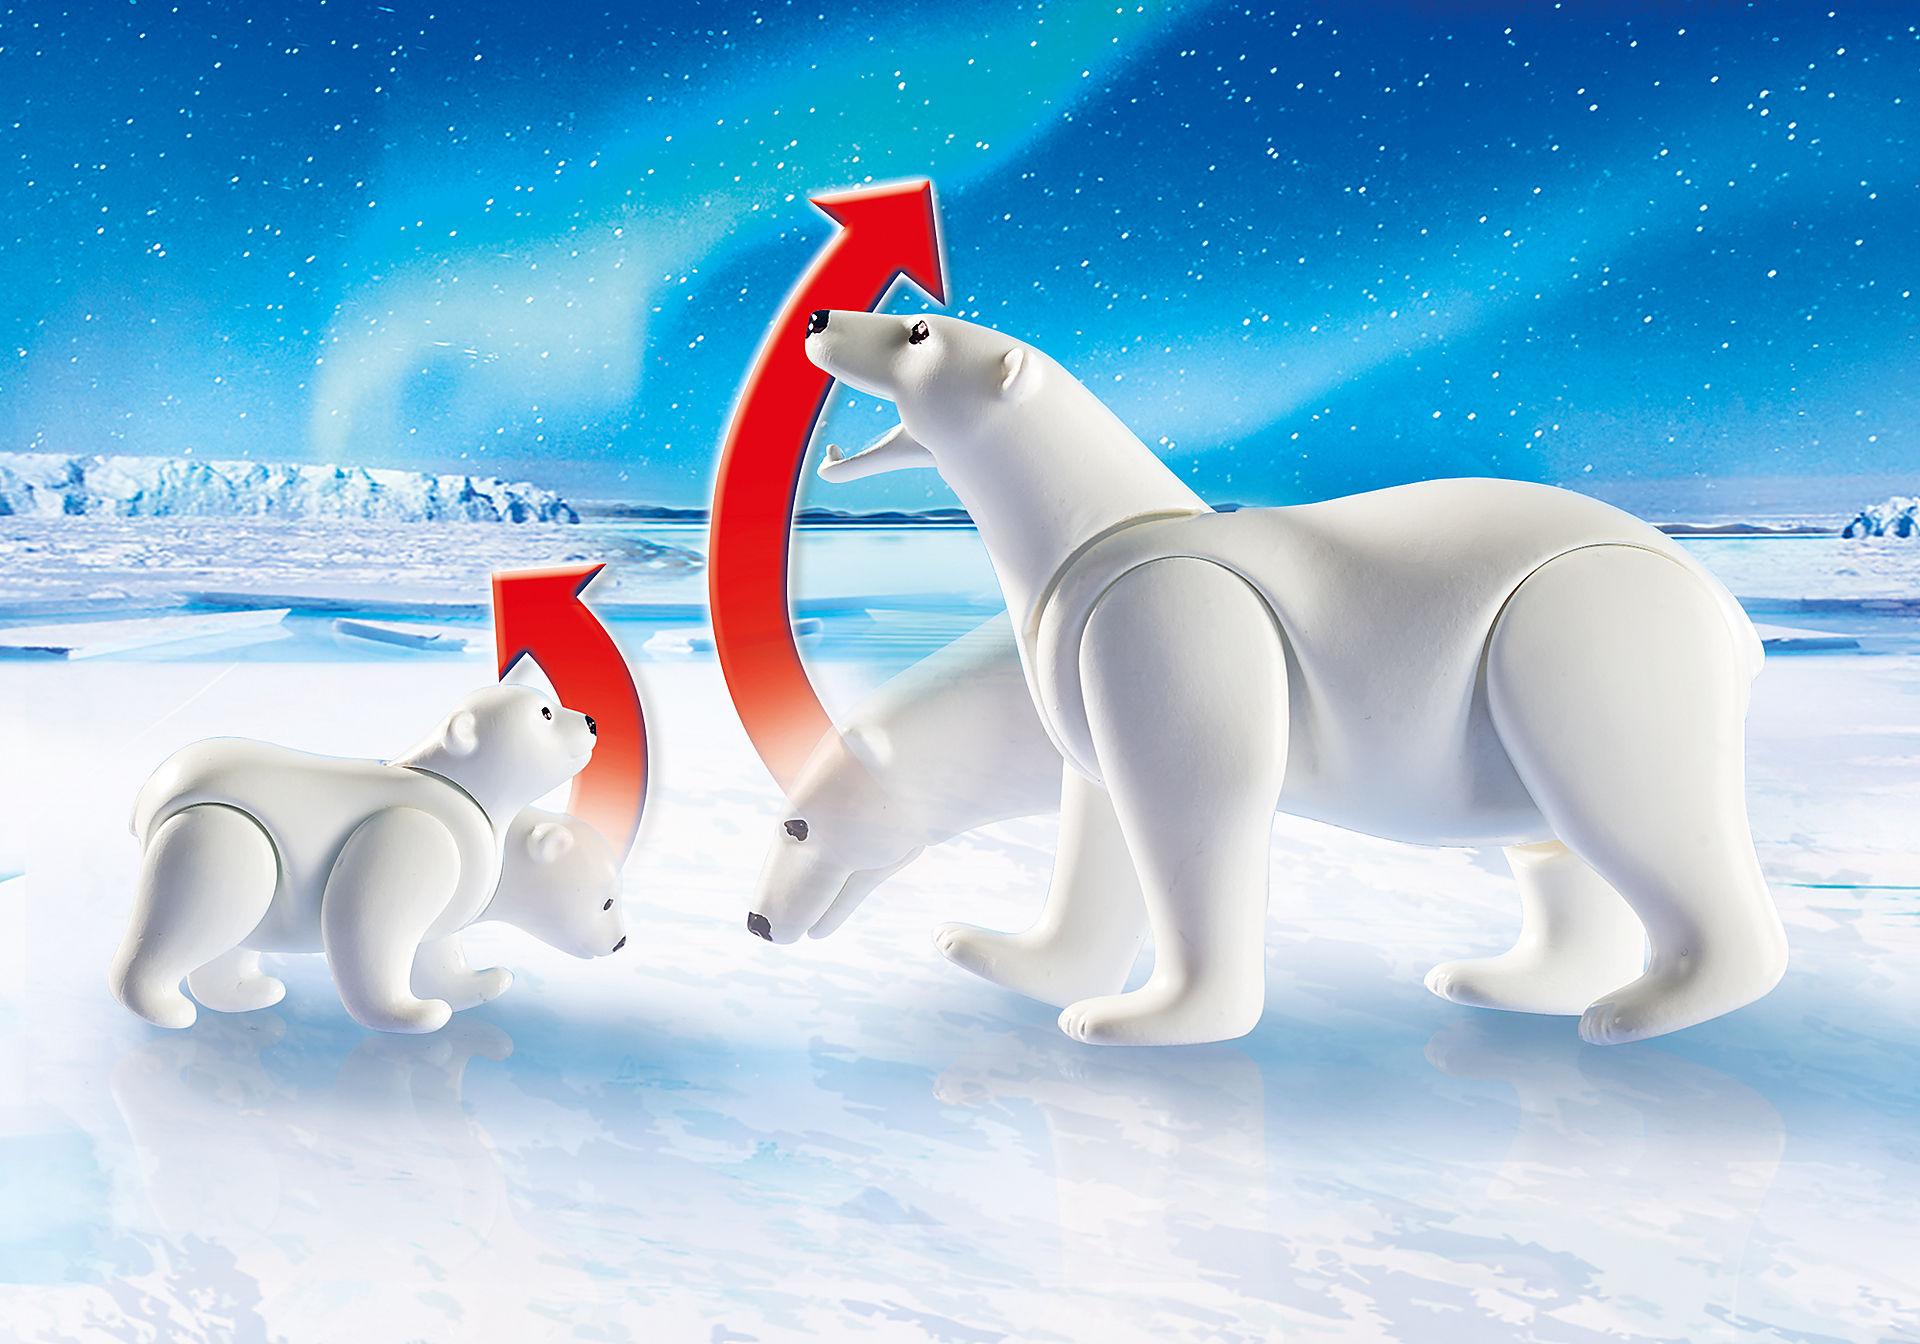 http://media.playmobil.com/i/playmobil/9056_product_extra2/Arctic Explorers with Polar Bears